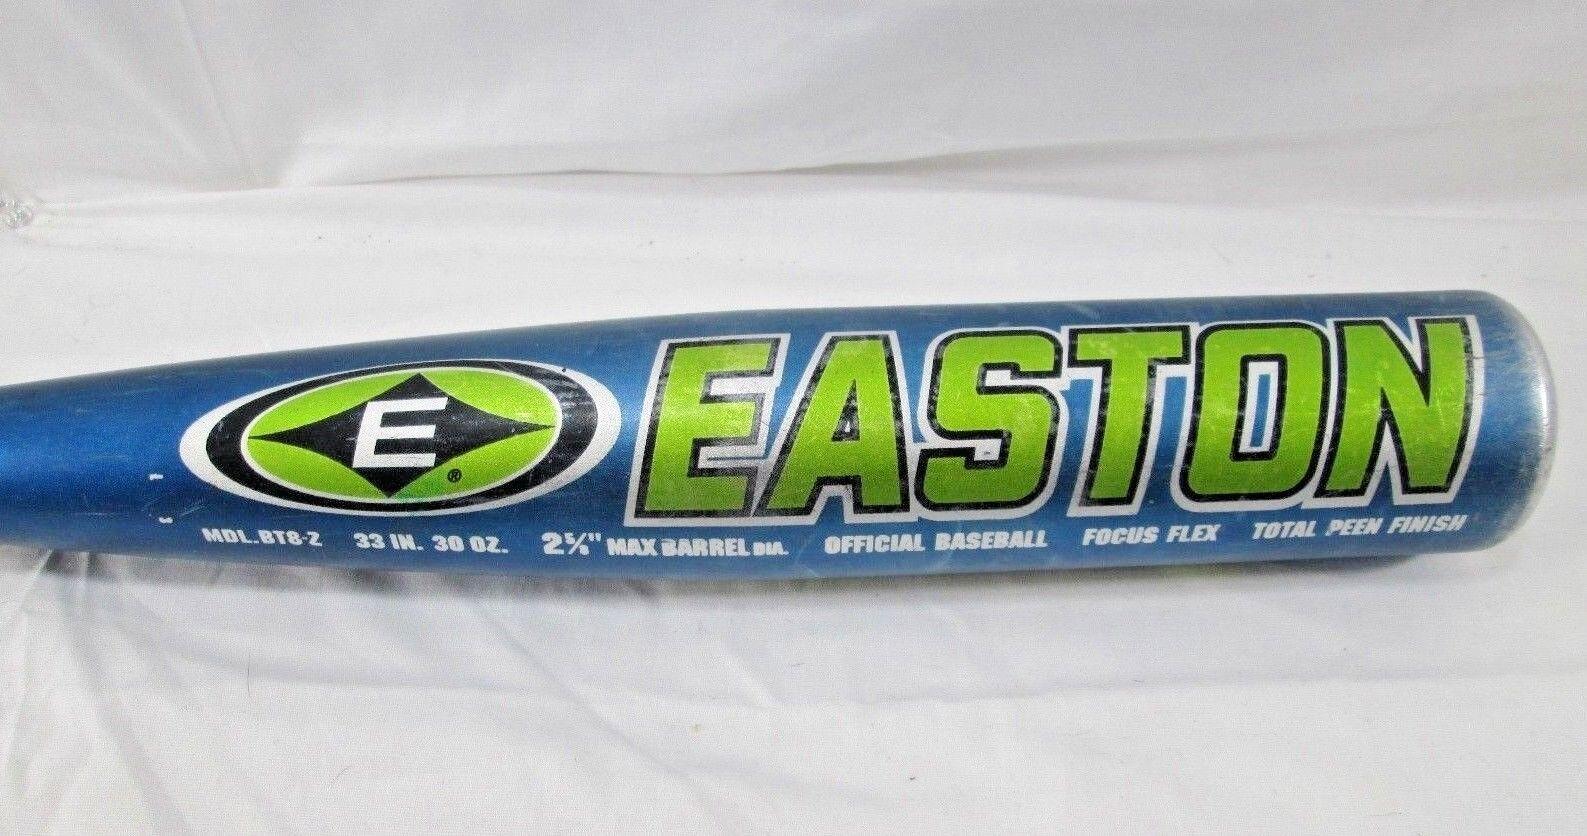 33 30 Easton CXN sc888 Connexion Z-Core Mod. BT8-Z BESR Certified Baseball Bat